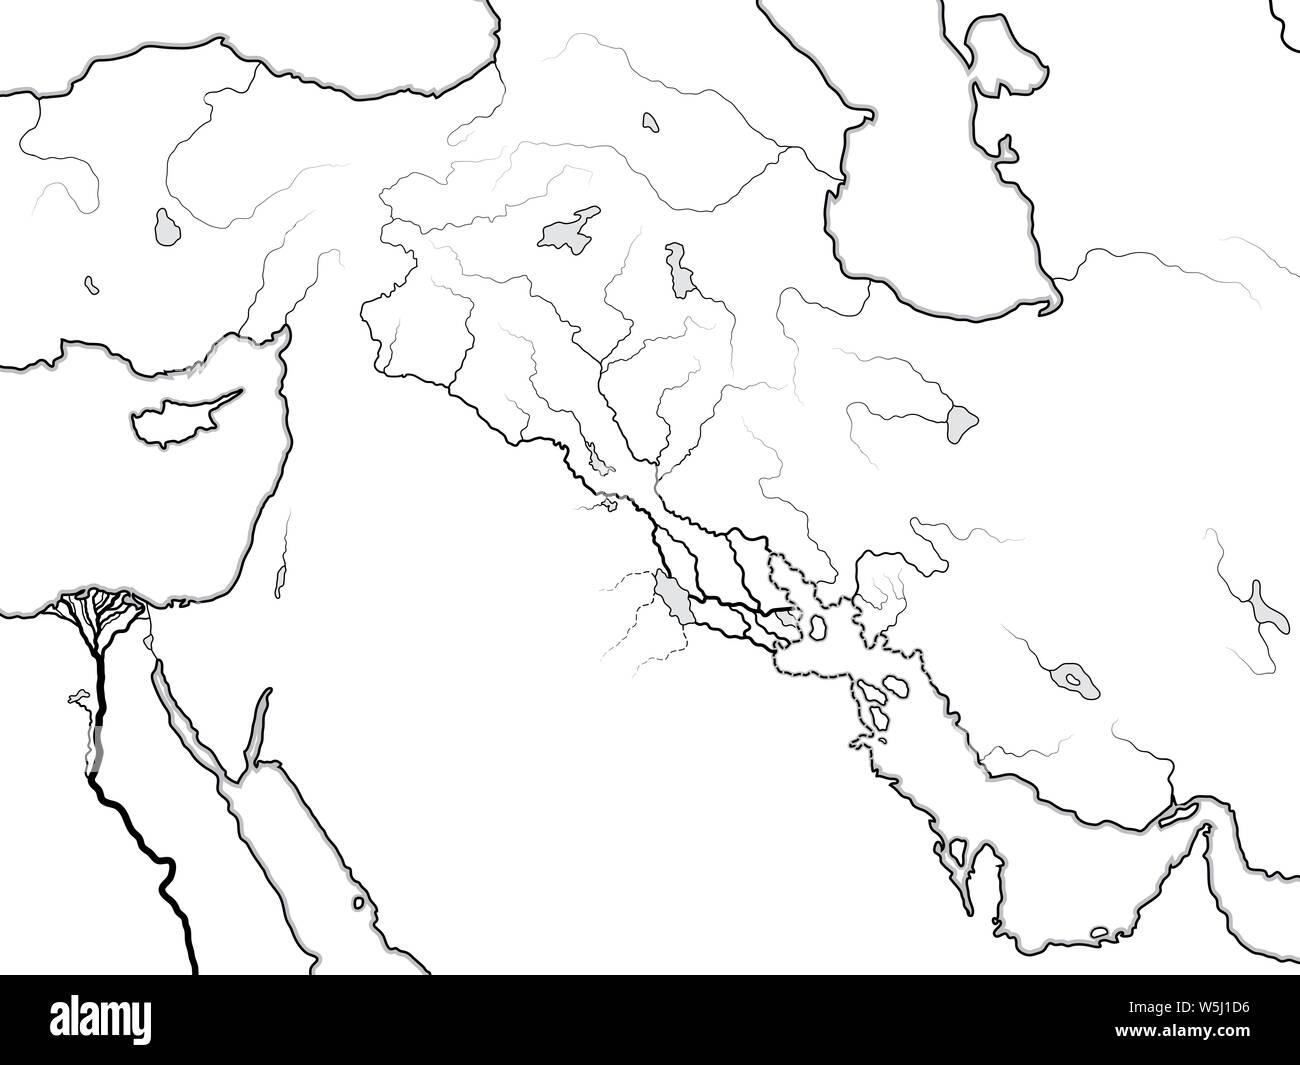 World Map Of The Tigris Euphrates Valley Mesopotamia Assyria